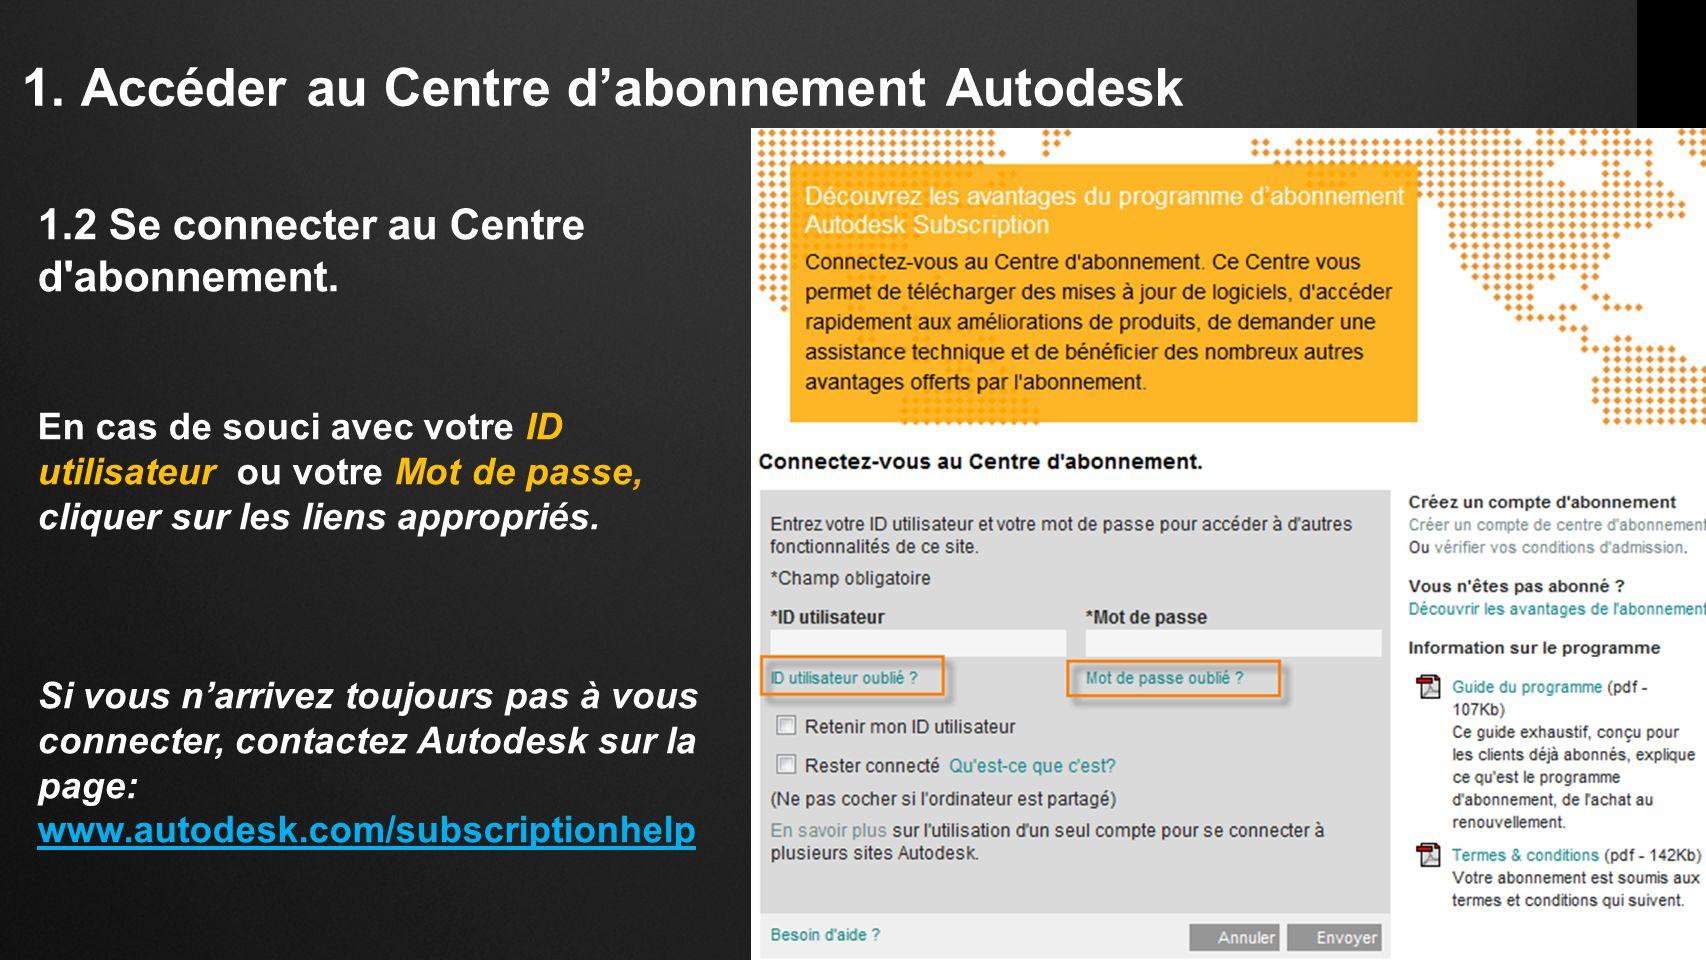 1. Accéder au Centre dabonnement Autodesk 1.2 Se connecter au Centre d'abonnement. En cas de souci avec votre ID utilisateur ou votre Mot de passe, cl